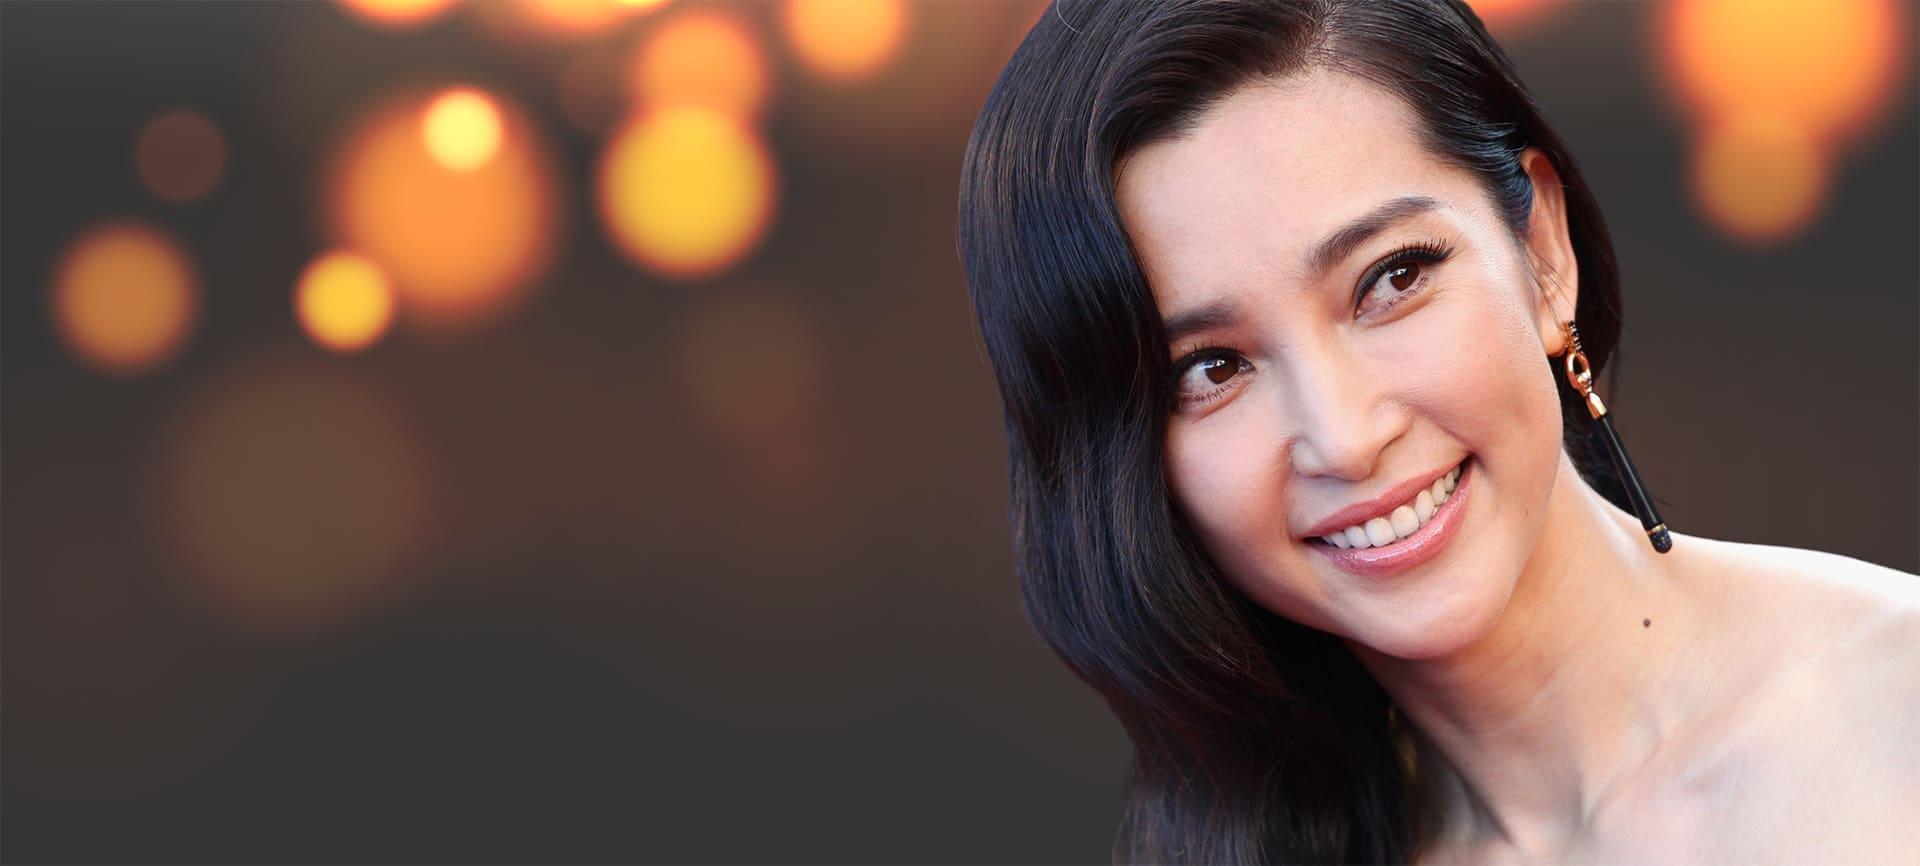 Bingbing Li transformer